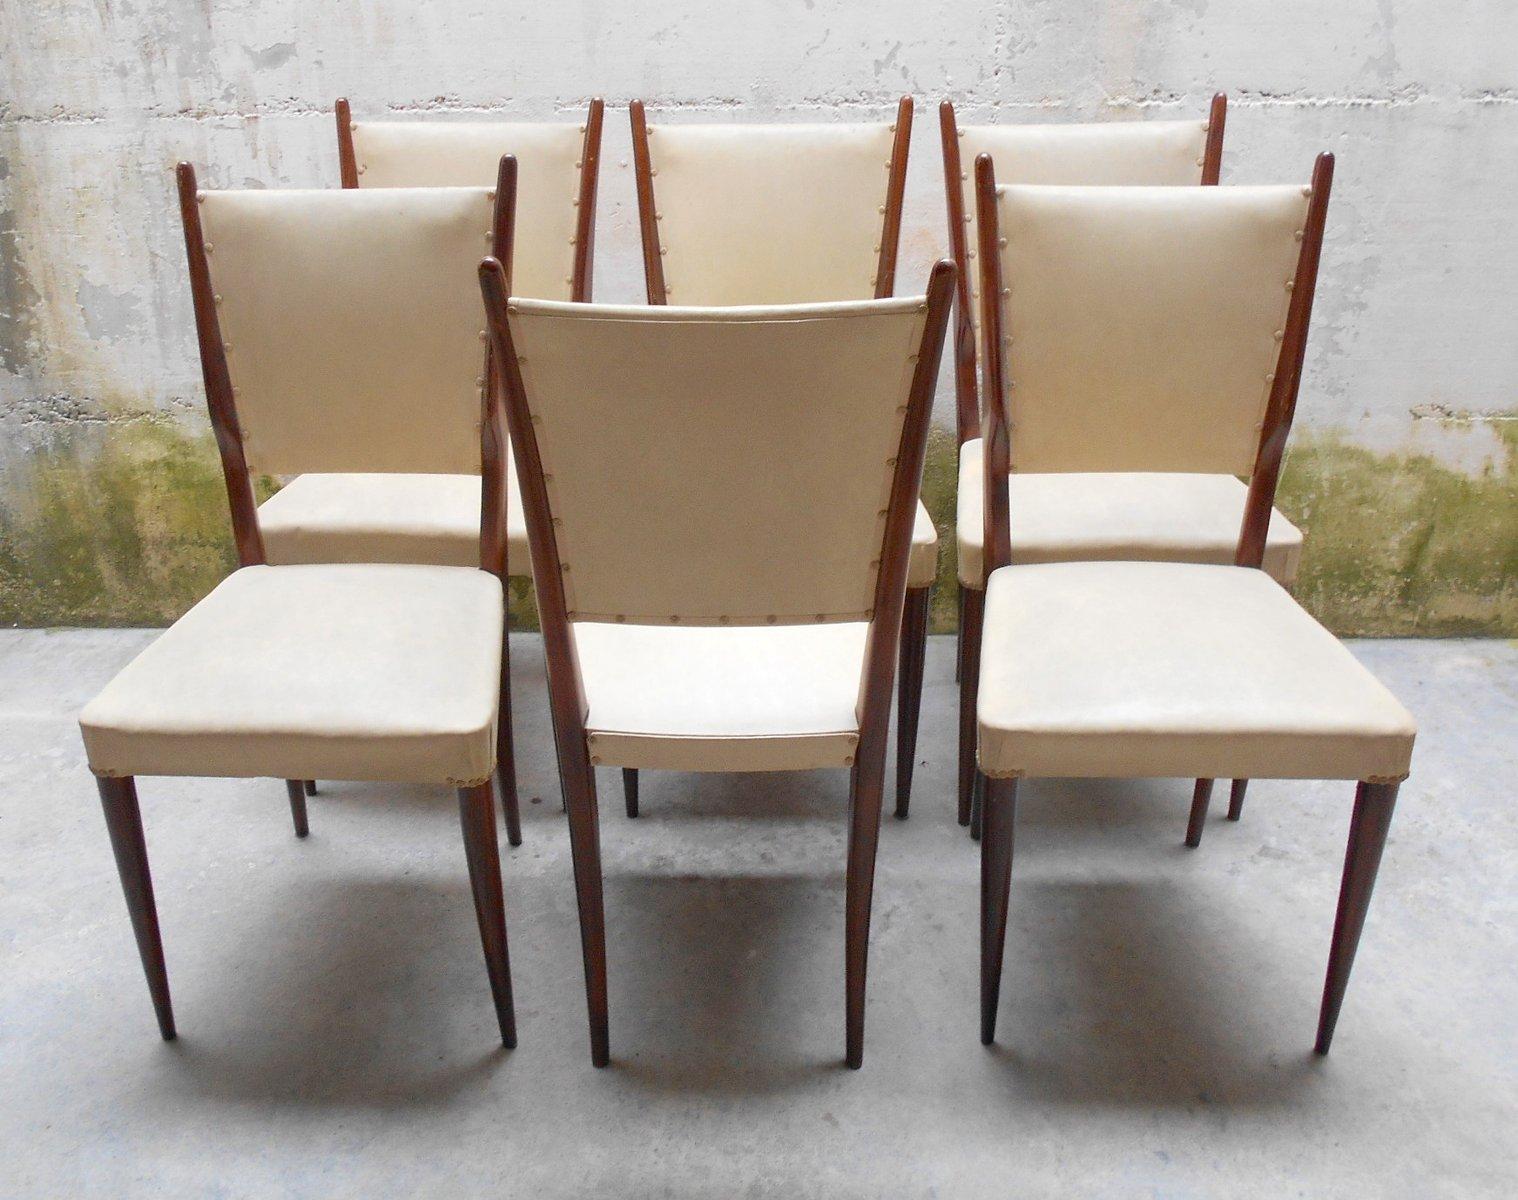 italienische vintage mahagoni st hle 1940er 6er set bei pamono kaufen. Black Bedroom Furniture Sets. Home Design Ideas